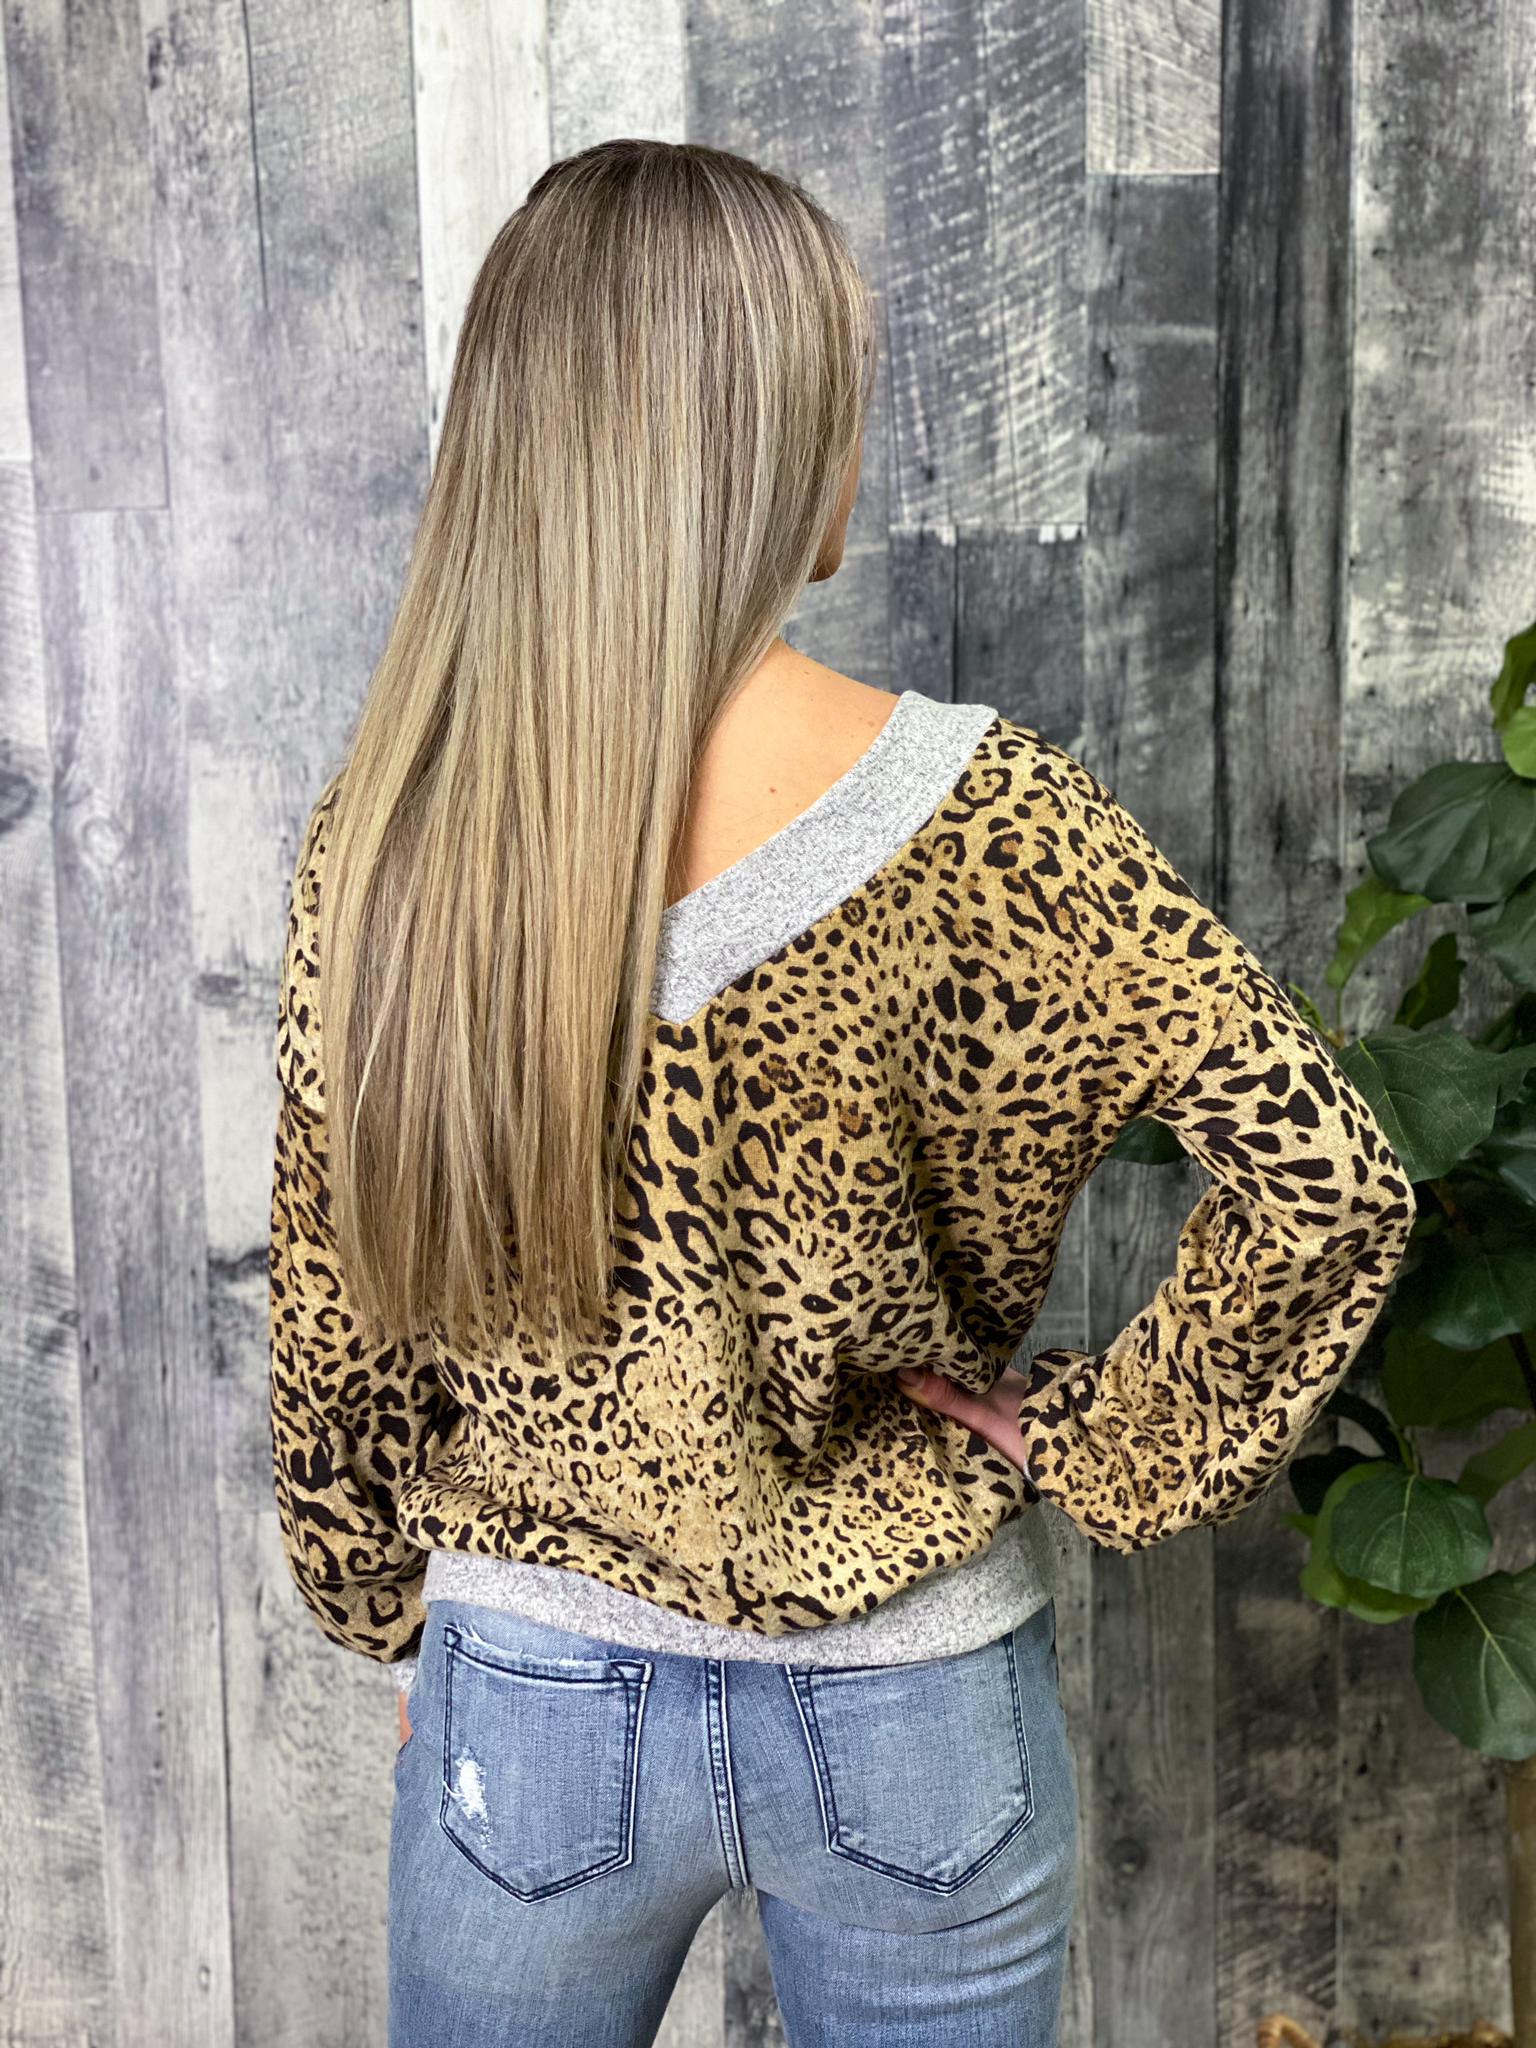 Lightweight Sweater Cheetah/Grey Top